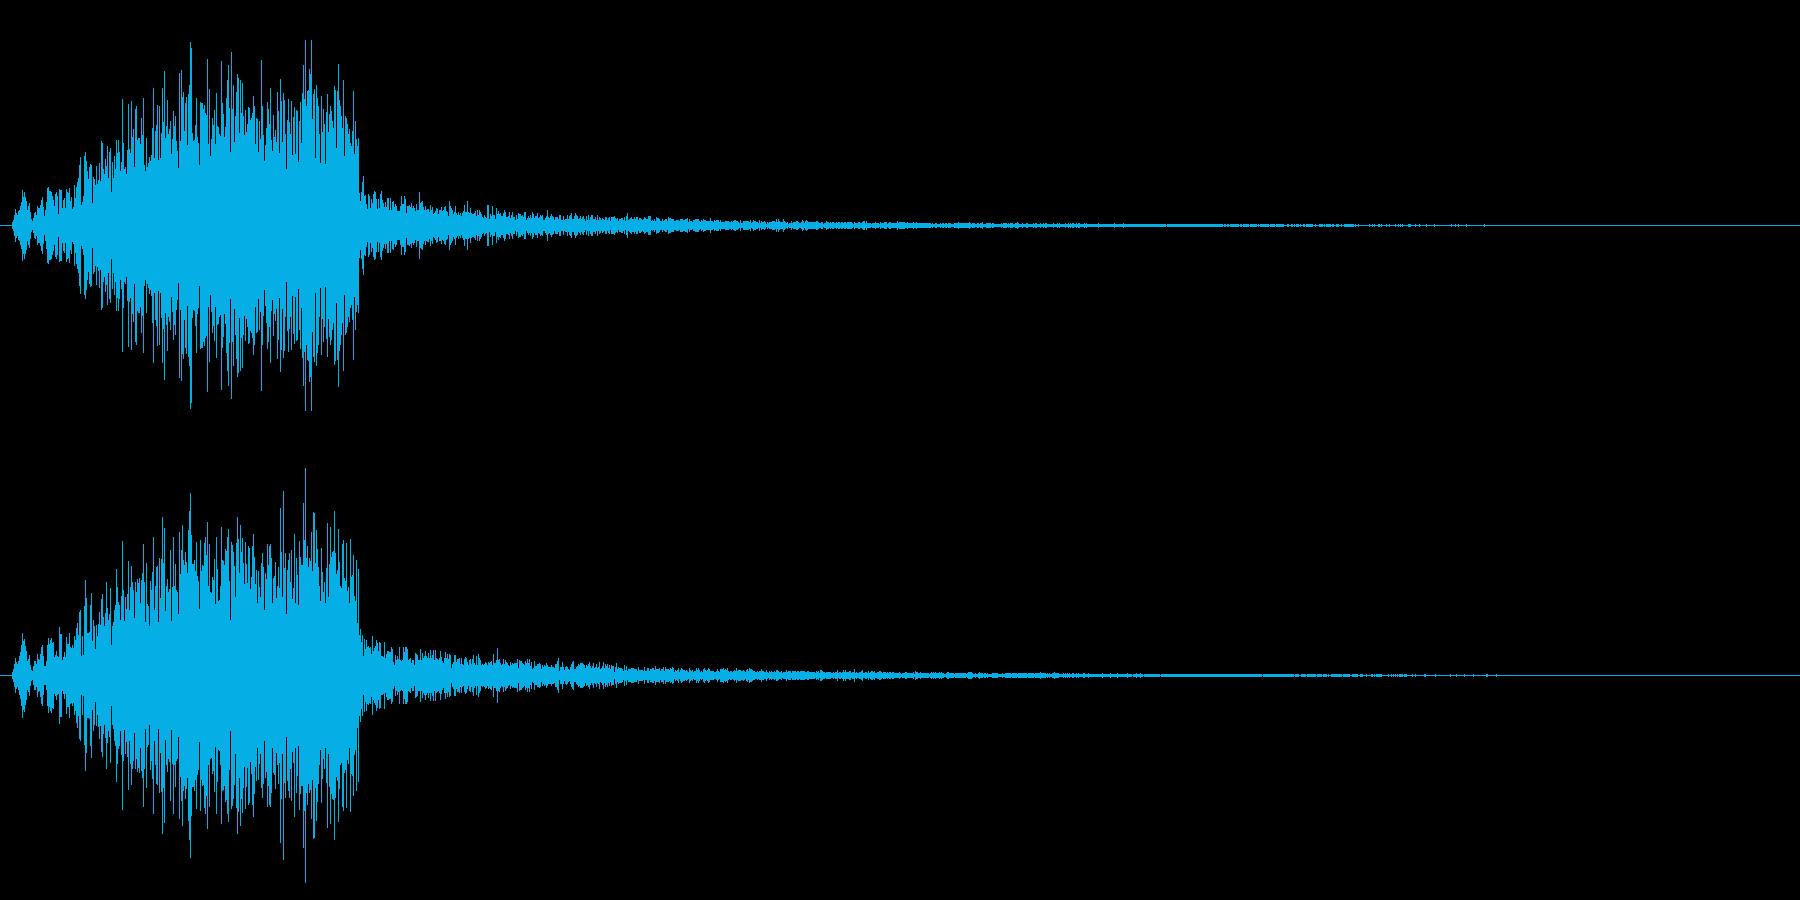 ウィシィン、という風を切るような音の再生済みの波形